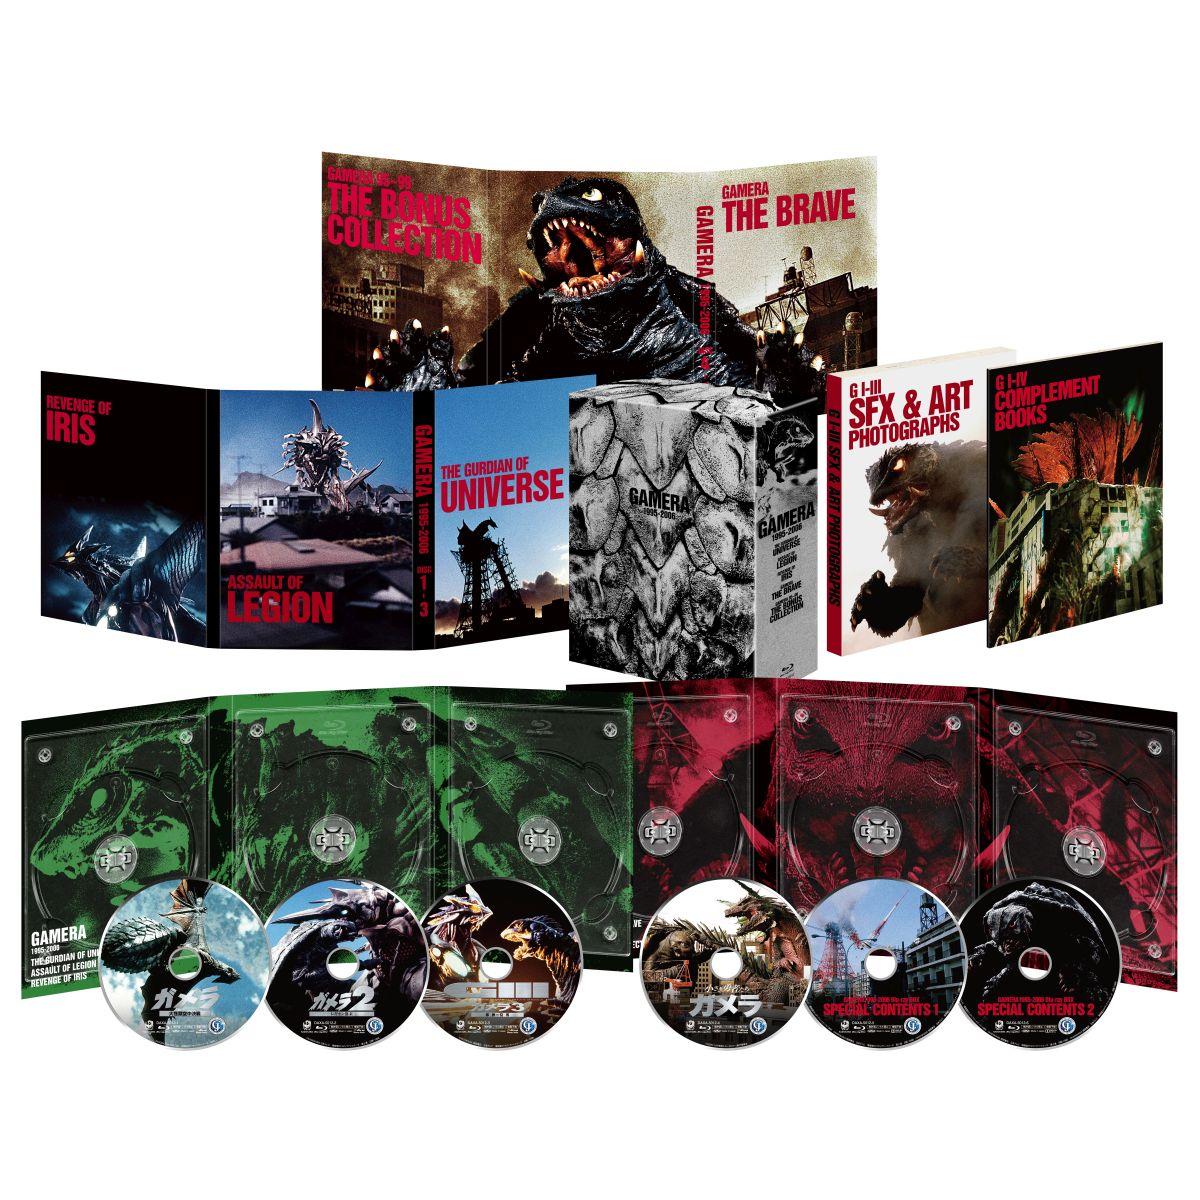 平成ガメラ4Kデジタル復元版 Blu-ray BOX[DAXA-5012][Blu-ray/ブルーレイ]